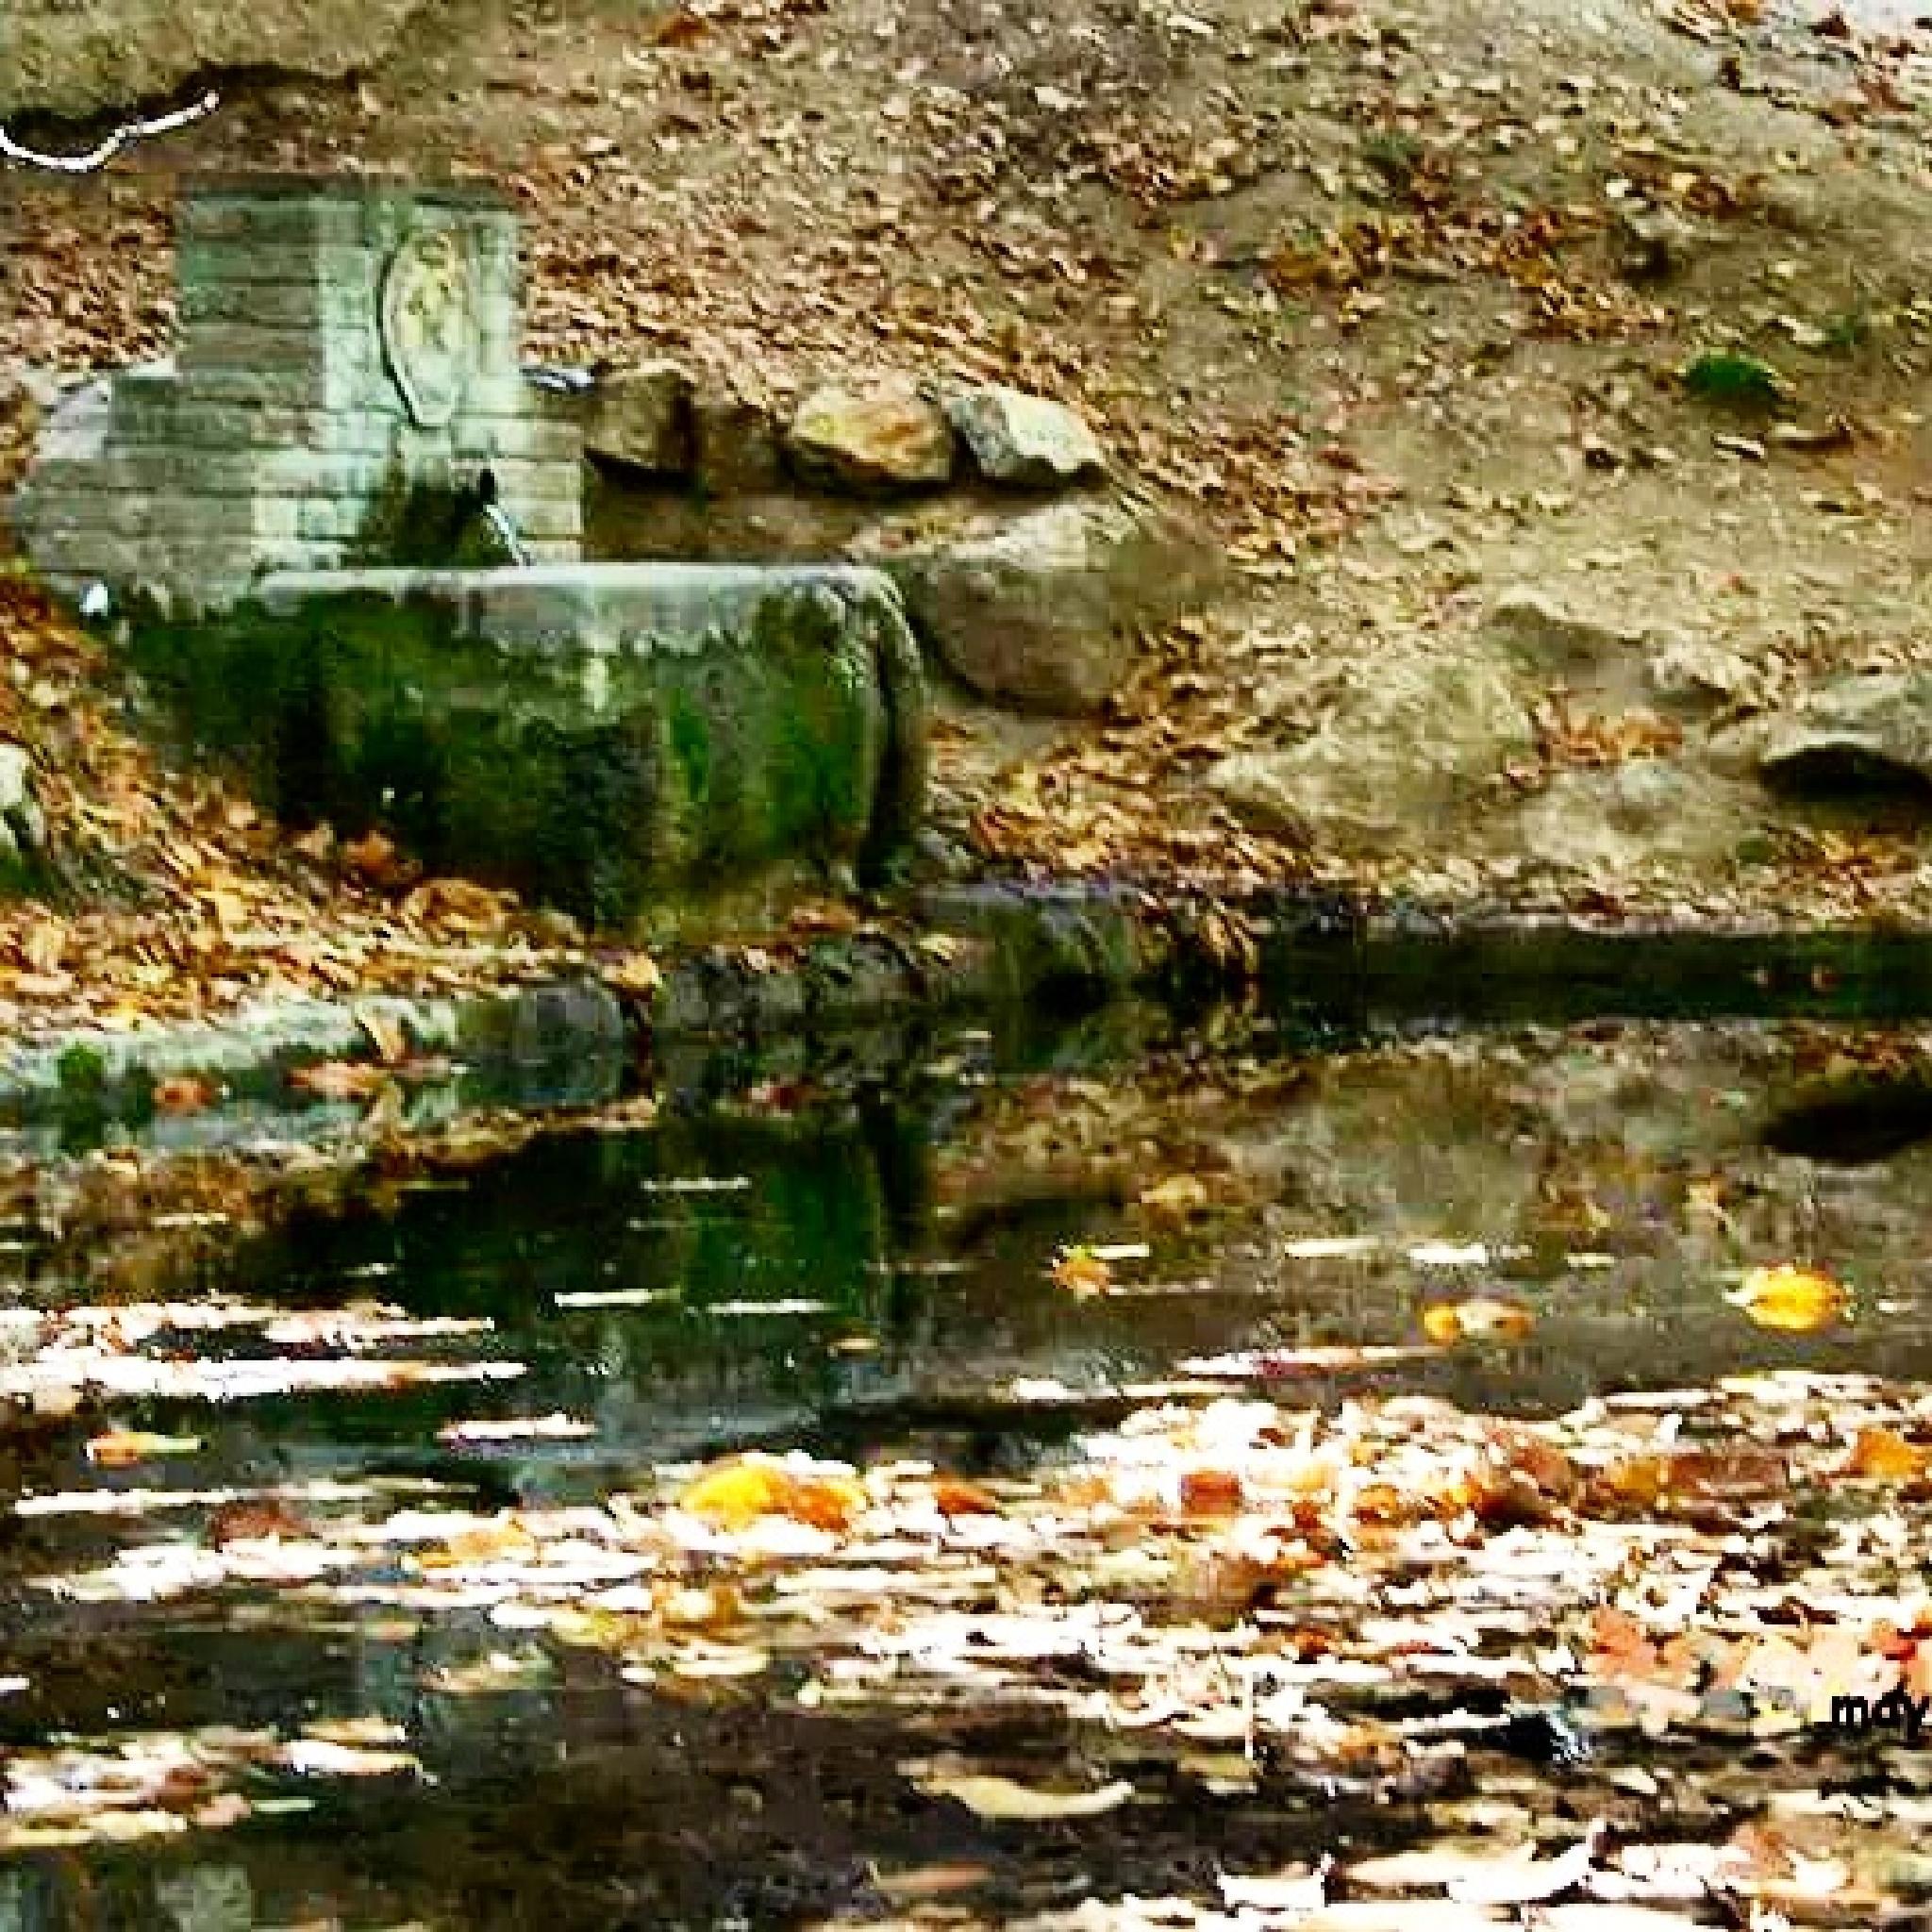 El estanque. by maydo.lopez